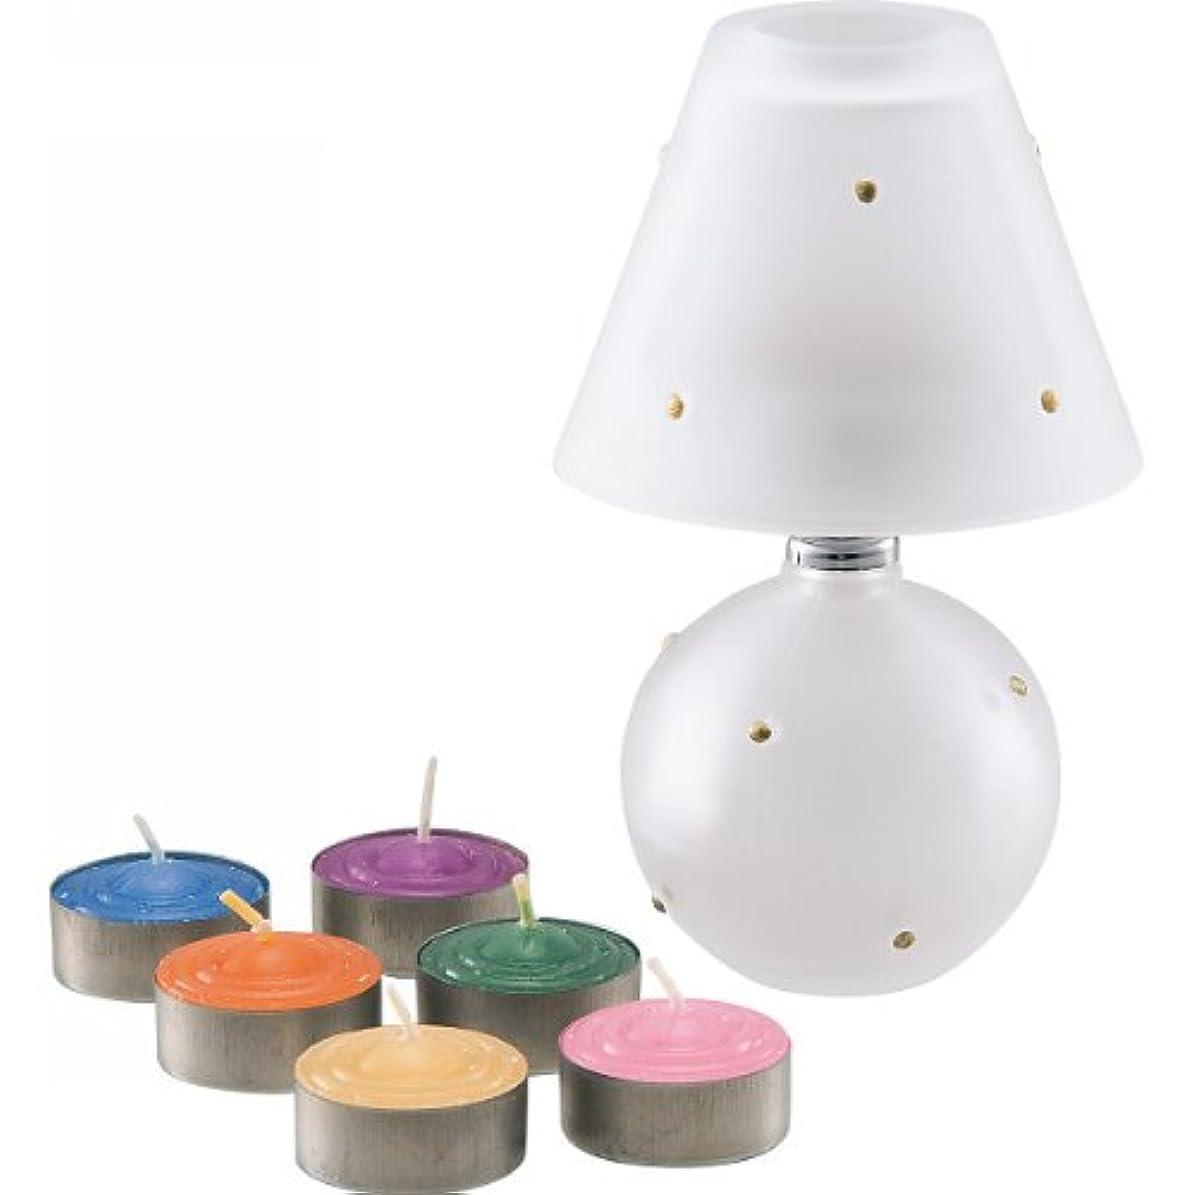 十二選ぶ天窓ランプ&アロマキャンドル